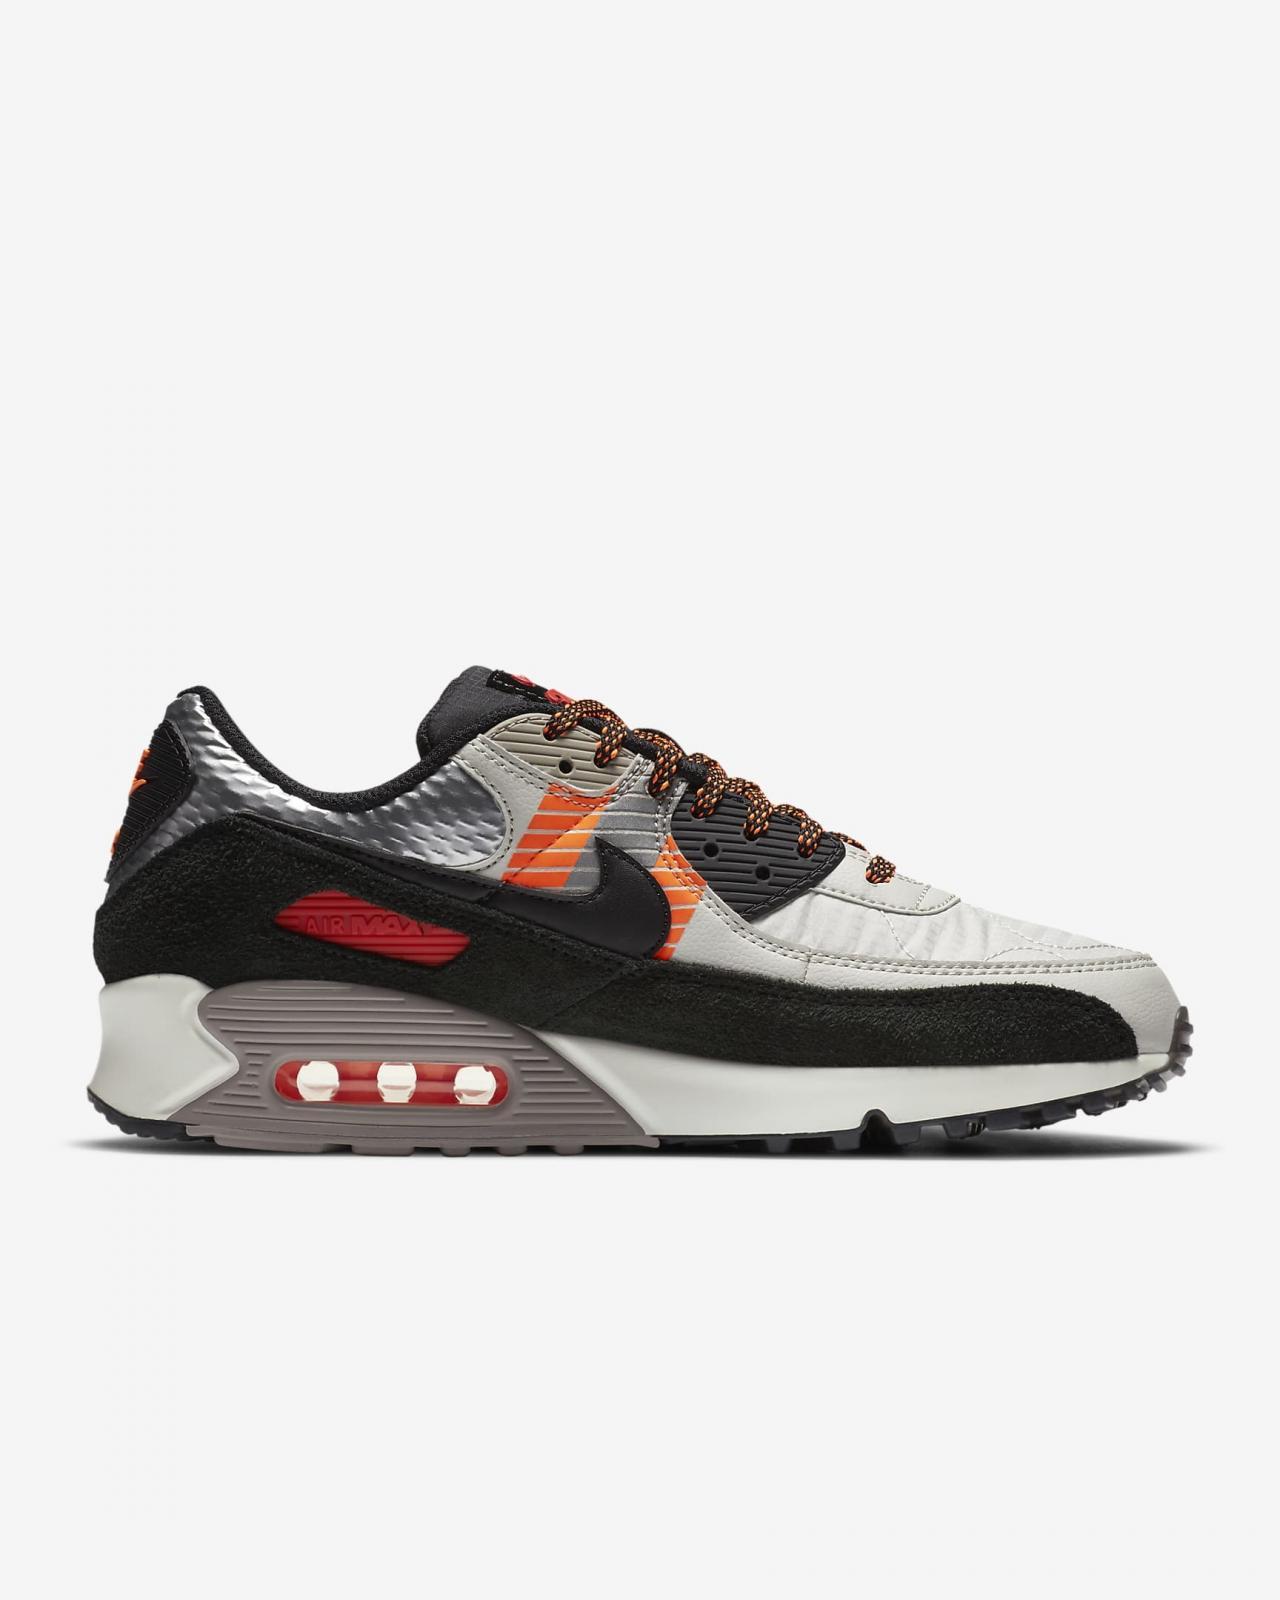 Nike Sportswear推出全新浅骨/荷兰橙/谜石灰/黑色Air Max 90 3M